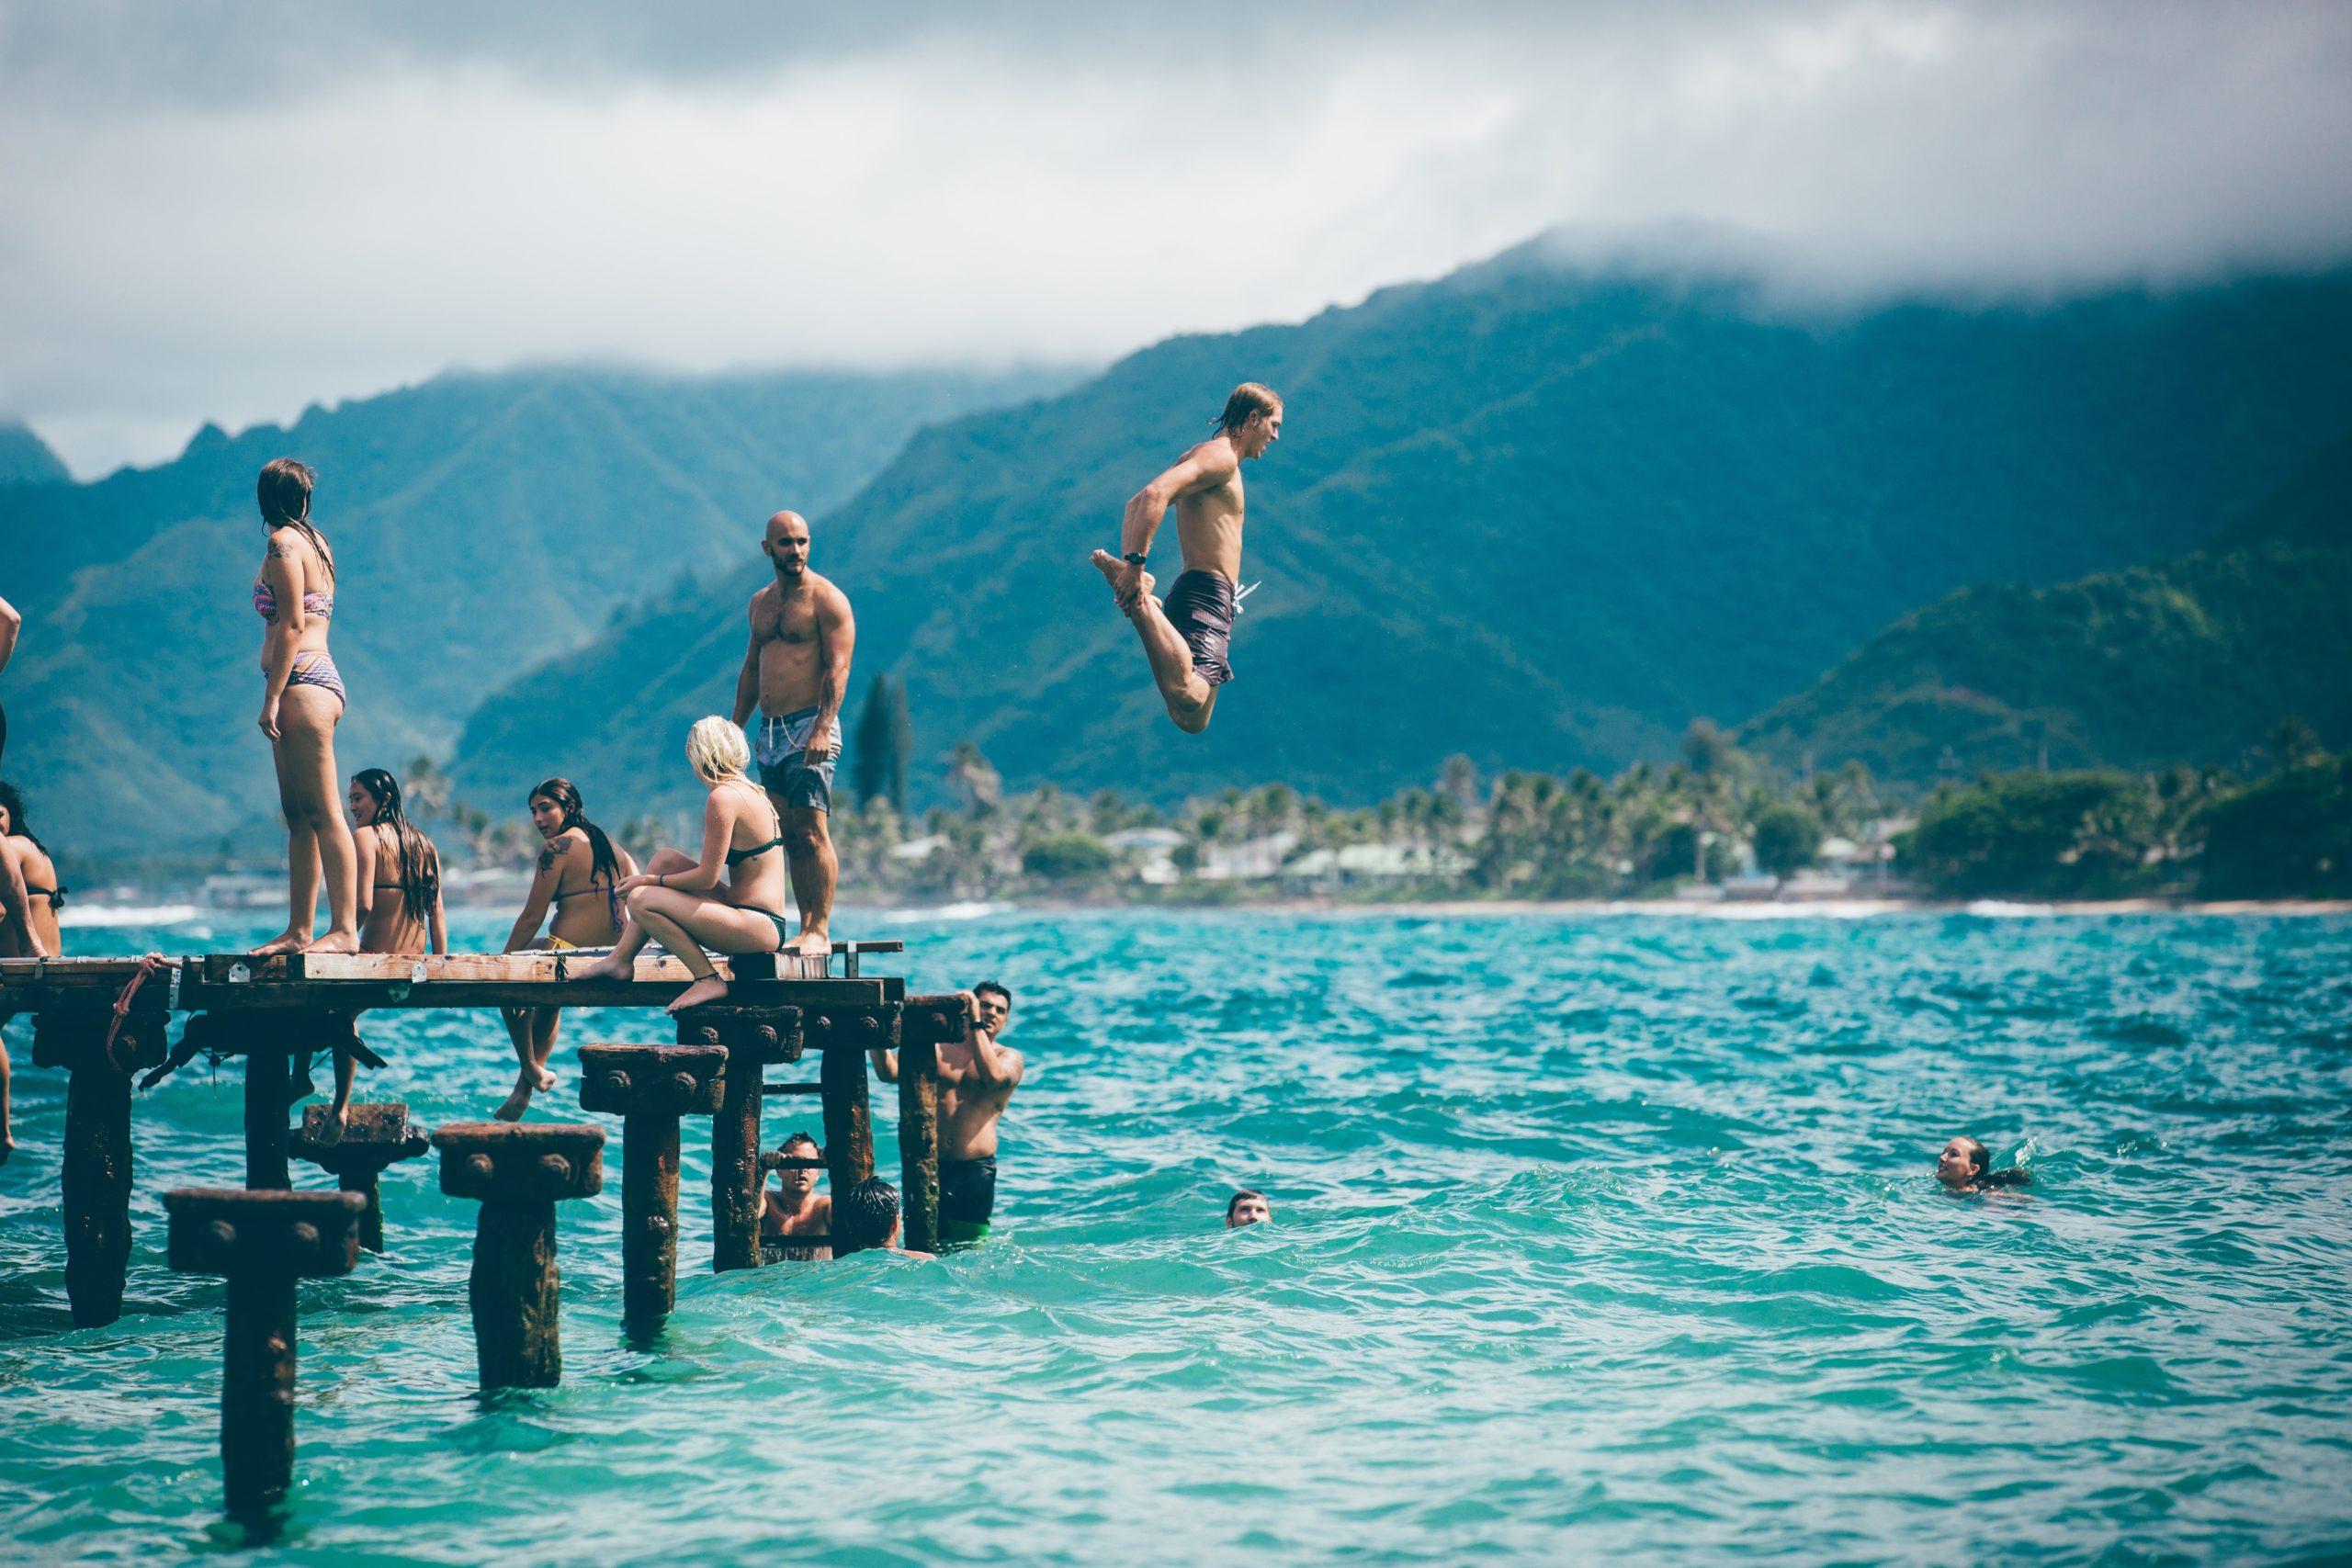 Profitez des vacances pour varier vos activités